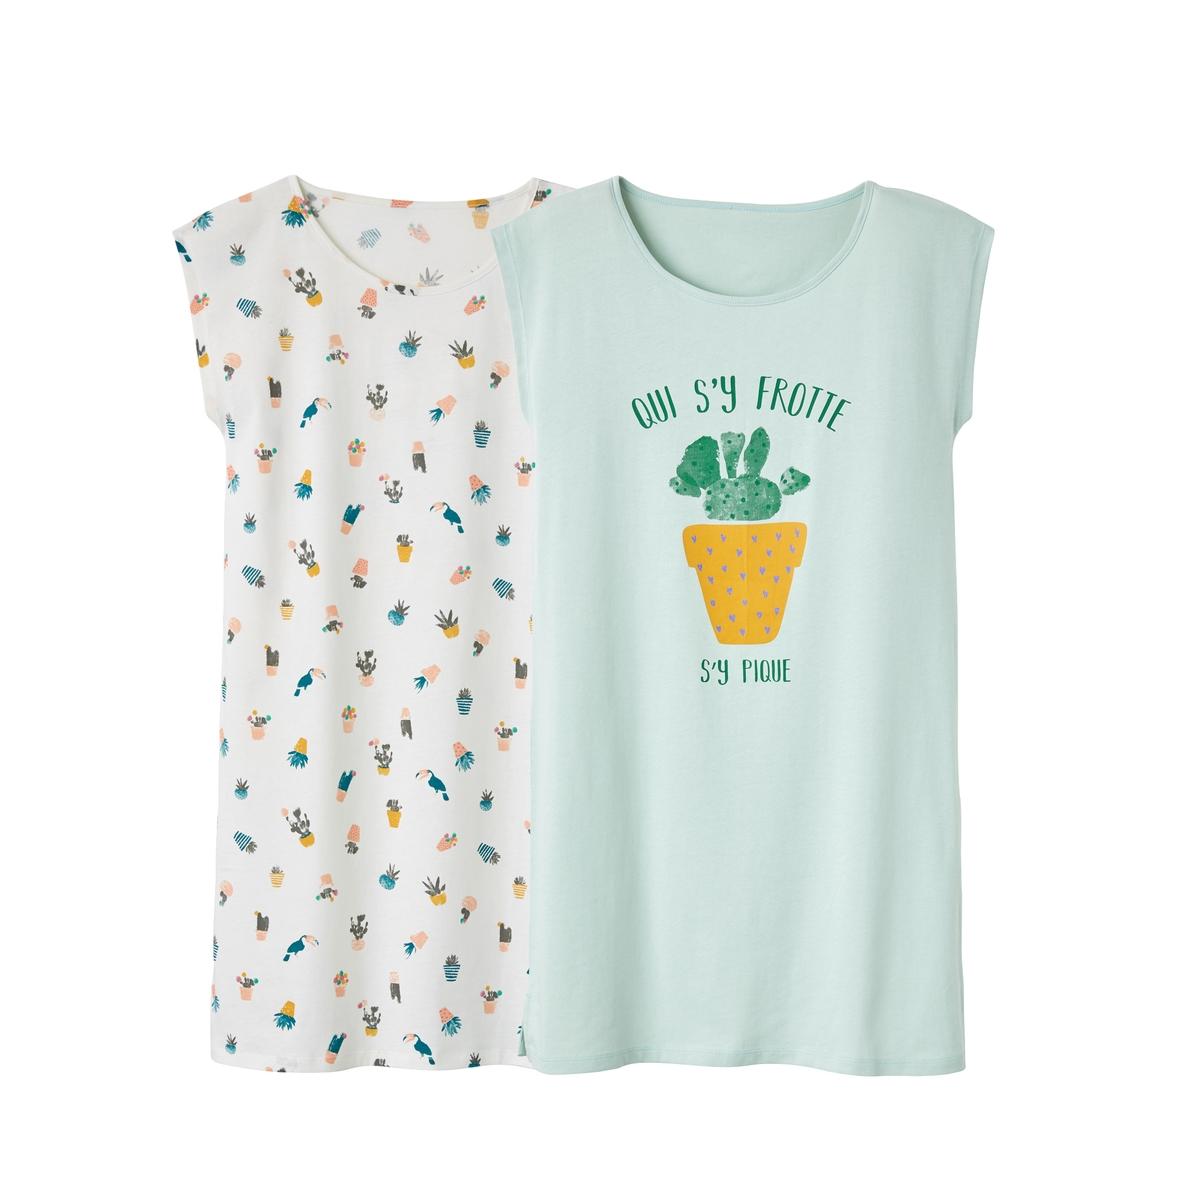 2 ночные сорочкиОписание:2 рубашки ночные. Для тех, кто любит легкость и комфорт, предлагаем 2 большие стильные футболки ! Детали изделия •  Комплект из 2 ночных сорочек . •  Прямой покрой. •  Рисунко кактус спереди . •  Вырез-лодочка. •  Короткие рукава. •  Шлицы по бокам . •  Длина : 87 см.Состав и уход •  Материал : 100% хлопок. •  Стирать при температуре 30° в деликатном режиме. •  Стирать с вещами схожих цветов. •  Стирать и гладить с изнаночной стороны. •  Гладить при низкой температуре.<br><br>Цвет: белый + зелено-голубой<br>Размер: 34/36 (FR) - 40/42 (RUS).46/48 (FR) - 52/54 (RUS).54/56 (FR) - 60/62 (RUS).42/44 (FR) - 48/50 (RUS).38/40 (FR) - 44/46 (RUS).50/52 (FR) - 56/58 (RUS)